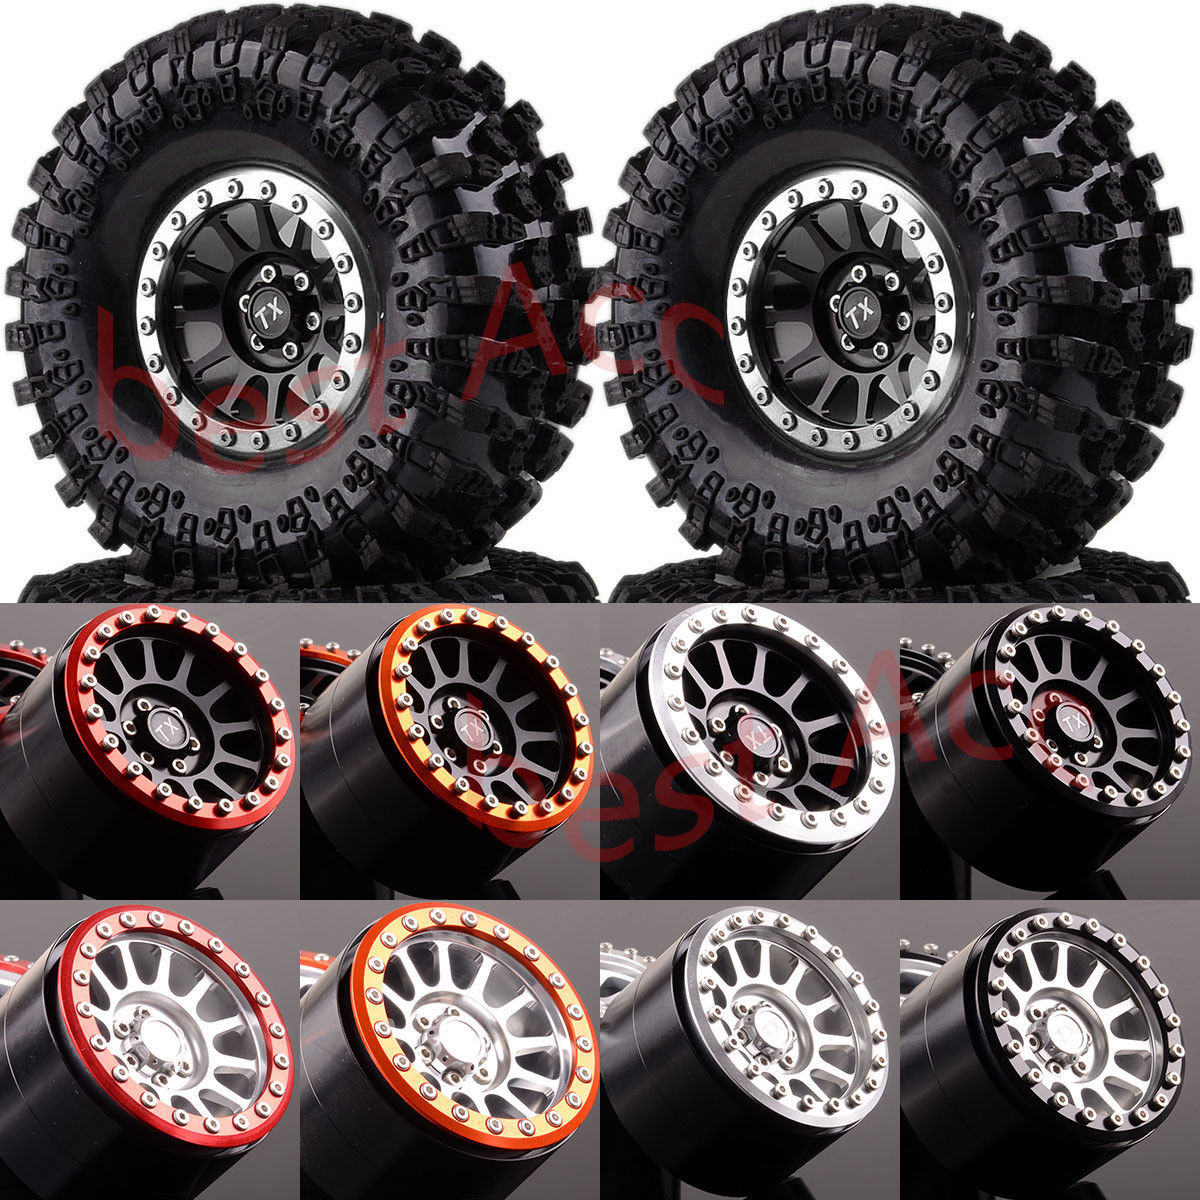 """2022 3021 1/10 4P الألومنيوم 2.2 """"Beadlock عجلات وعجلات ريم ل العربة المتسلقة للصخور-في قطع غيار وملحقات من الألعاب والهوايات على  مجموعة 1"""